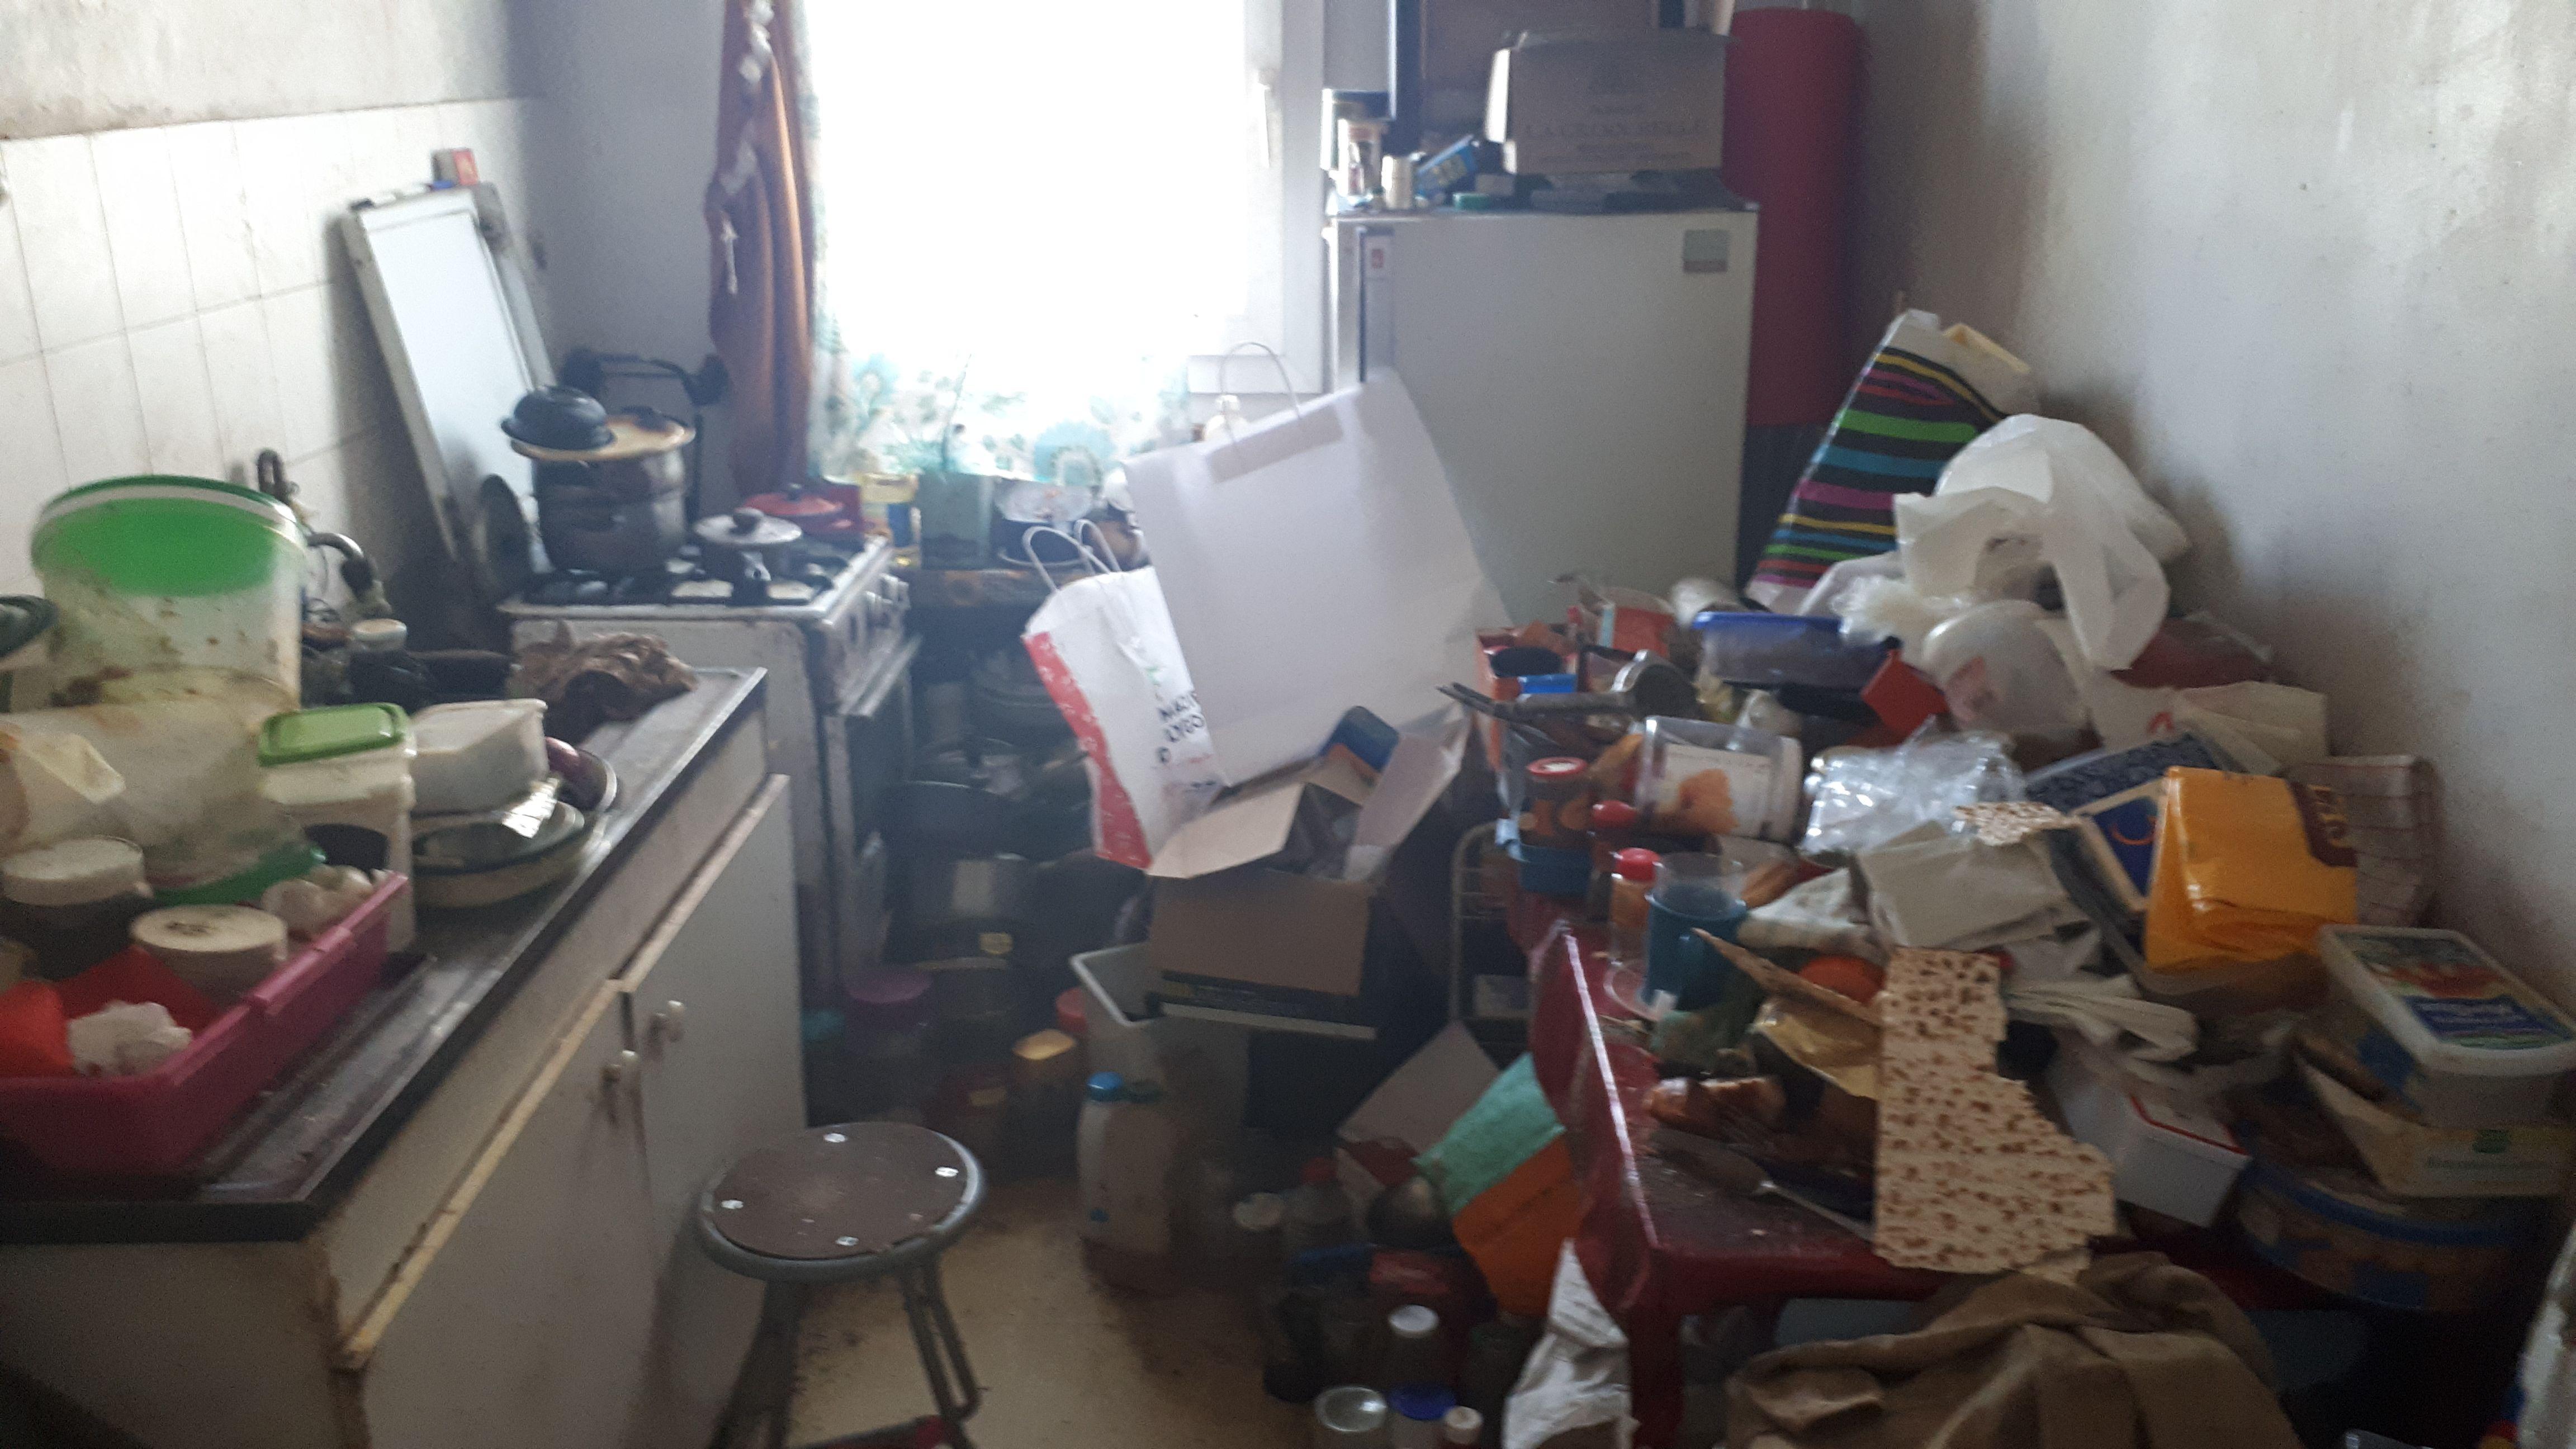 Débarras complet à Montpellier - appartement, cave et maison